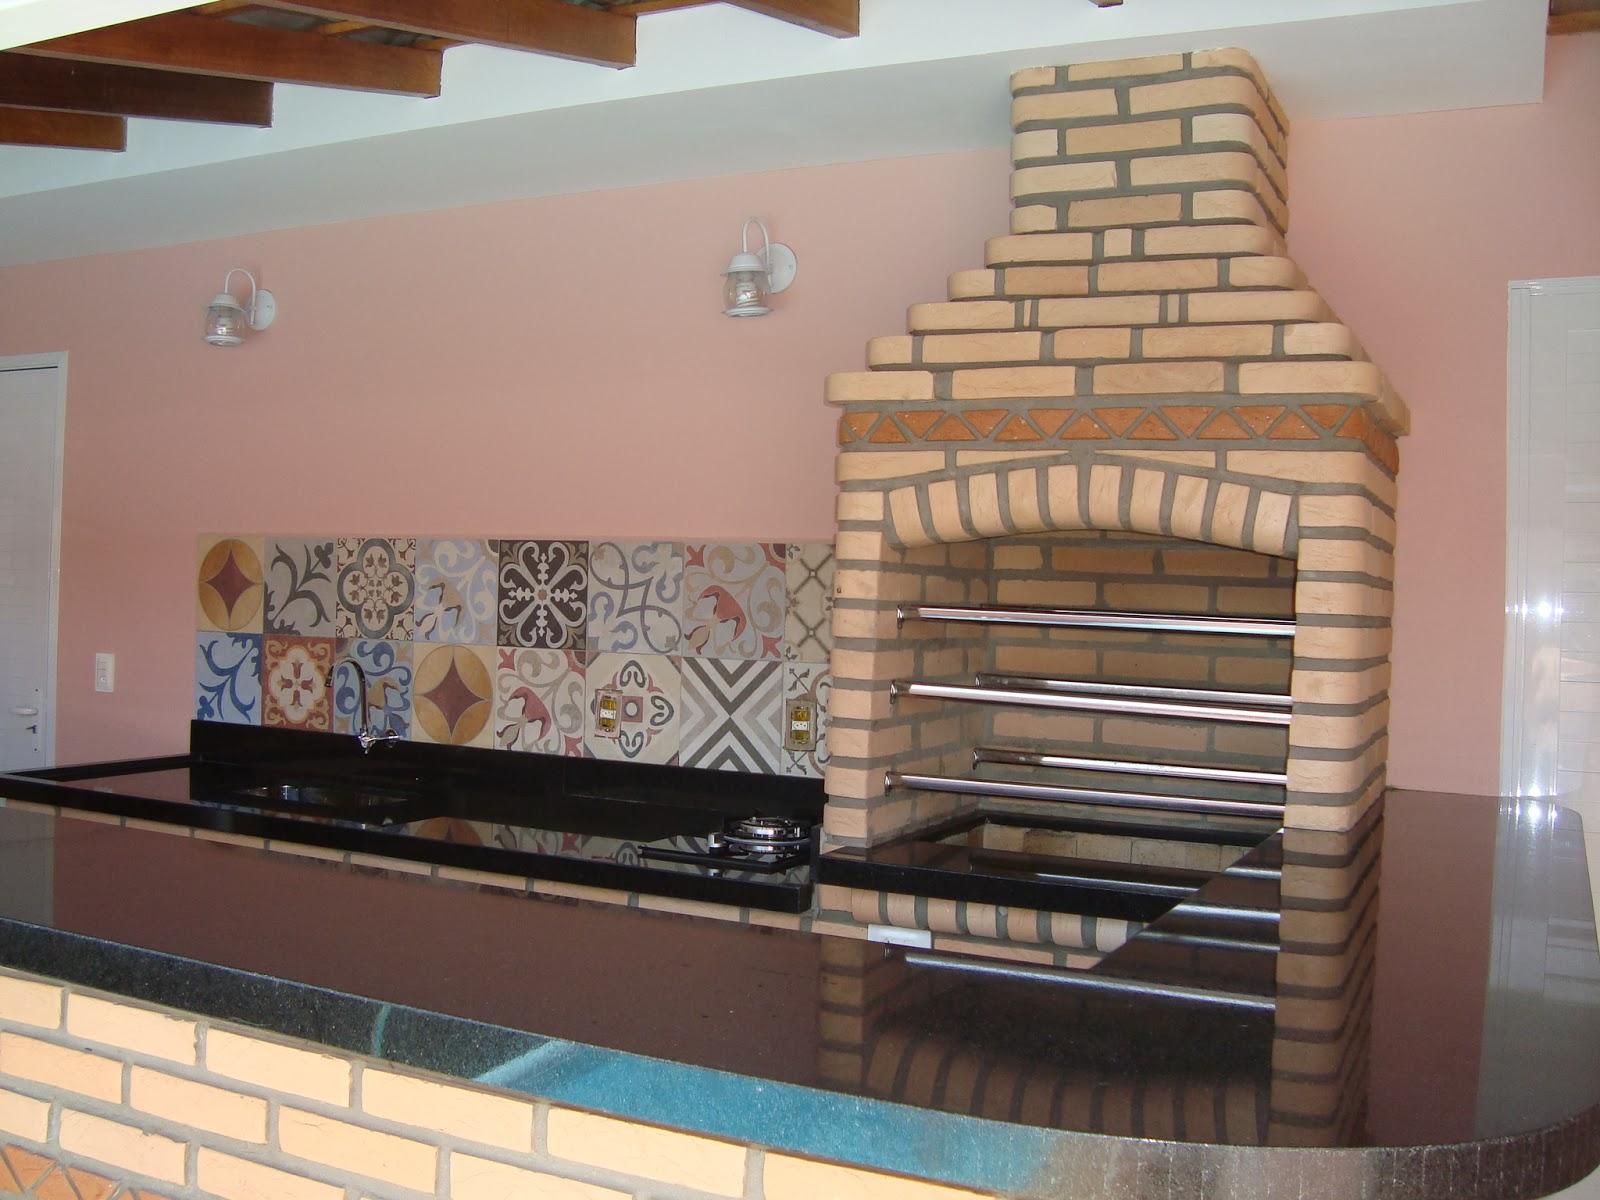 Ela é totalmente artesanal e levou uma semana para ser construída. #477484 1600x1200 Balcao Banheiro Artesanal